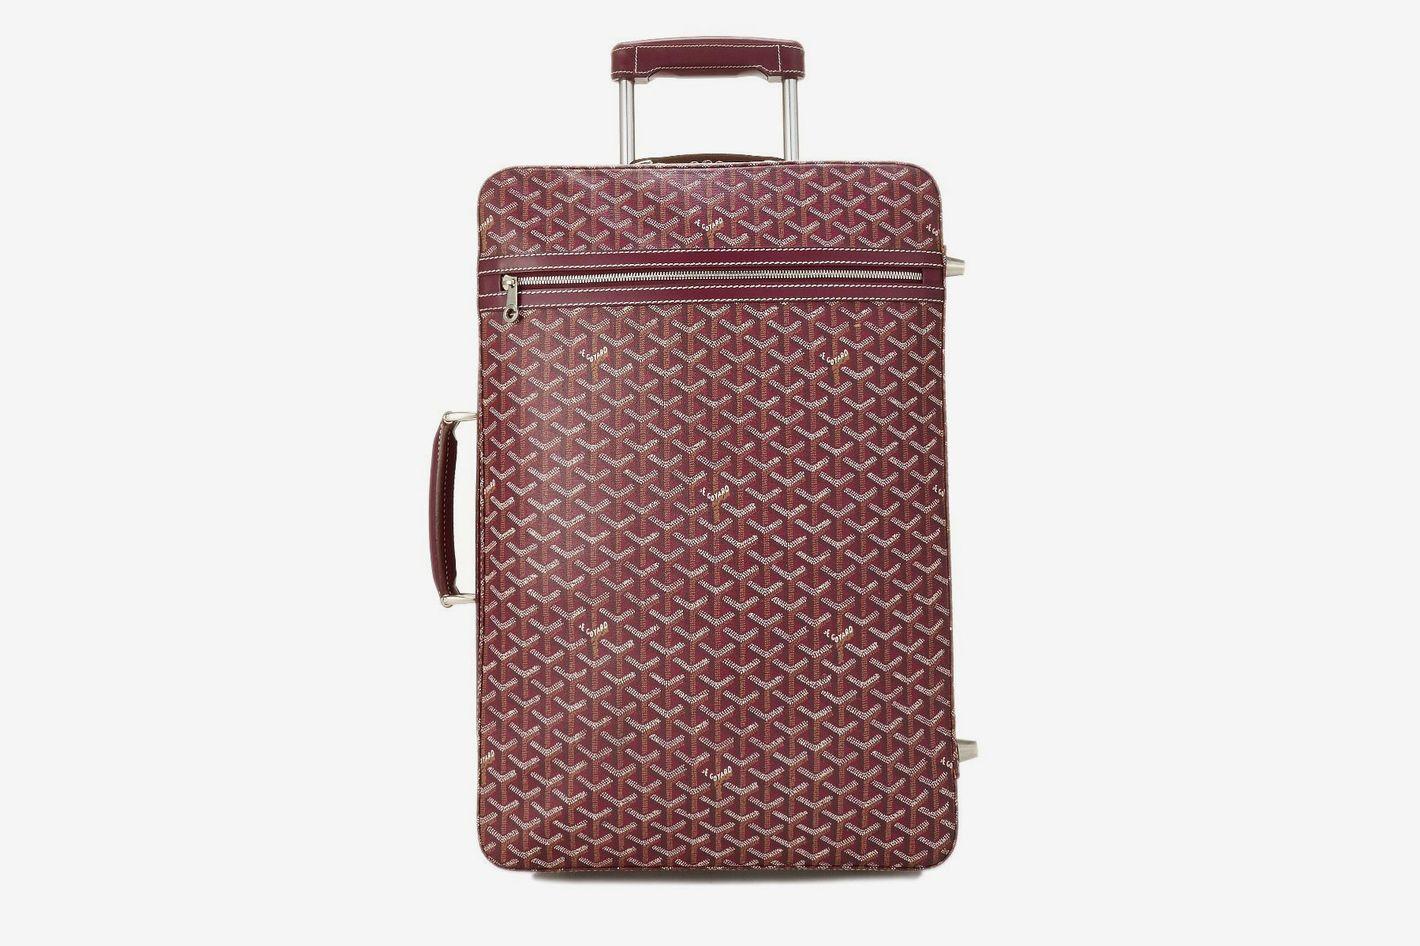 Goyard Rolling Luggage